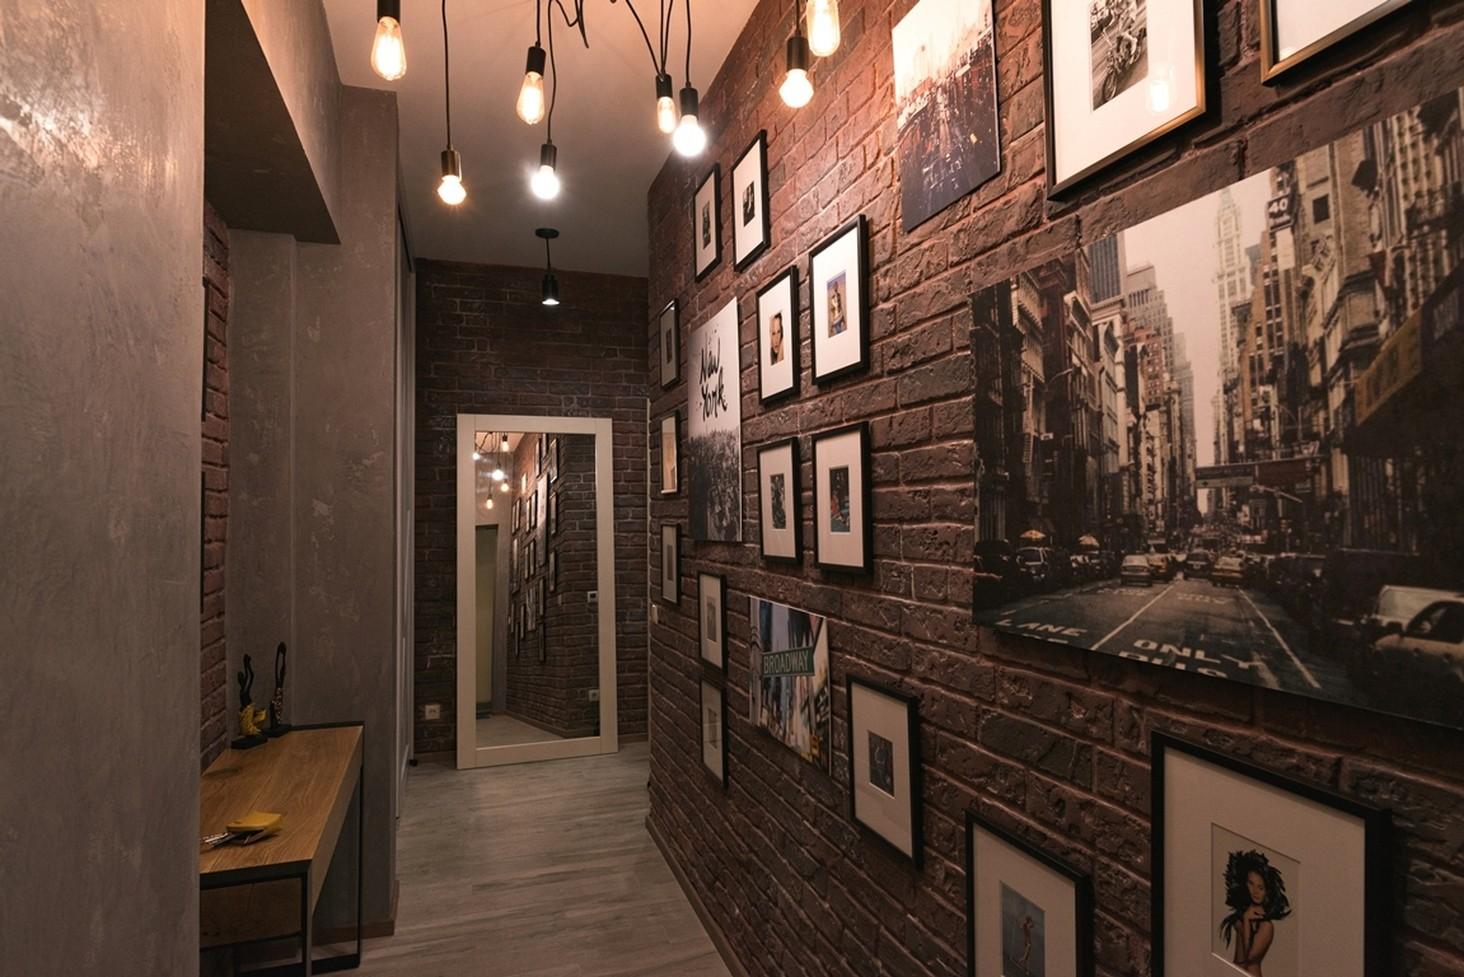 однокомнатная квартира в стиле лофт фото идеи